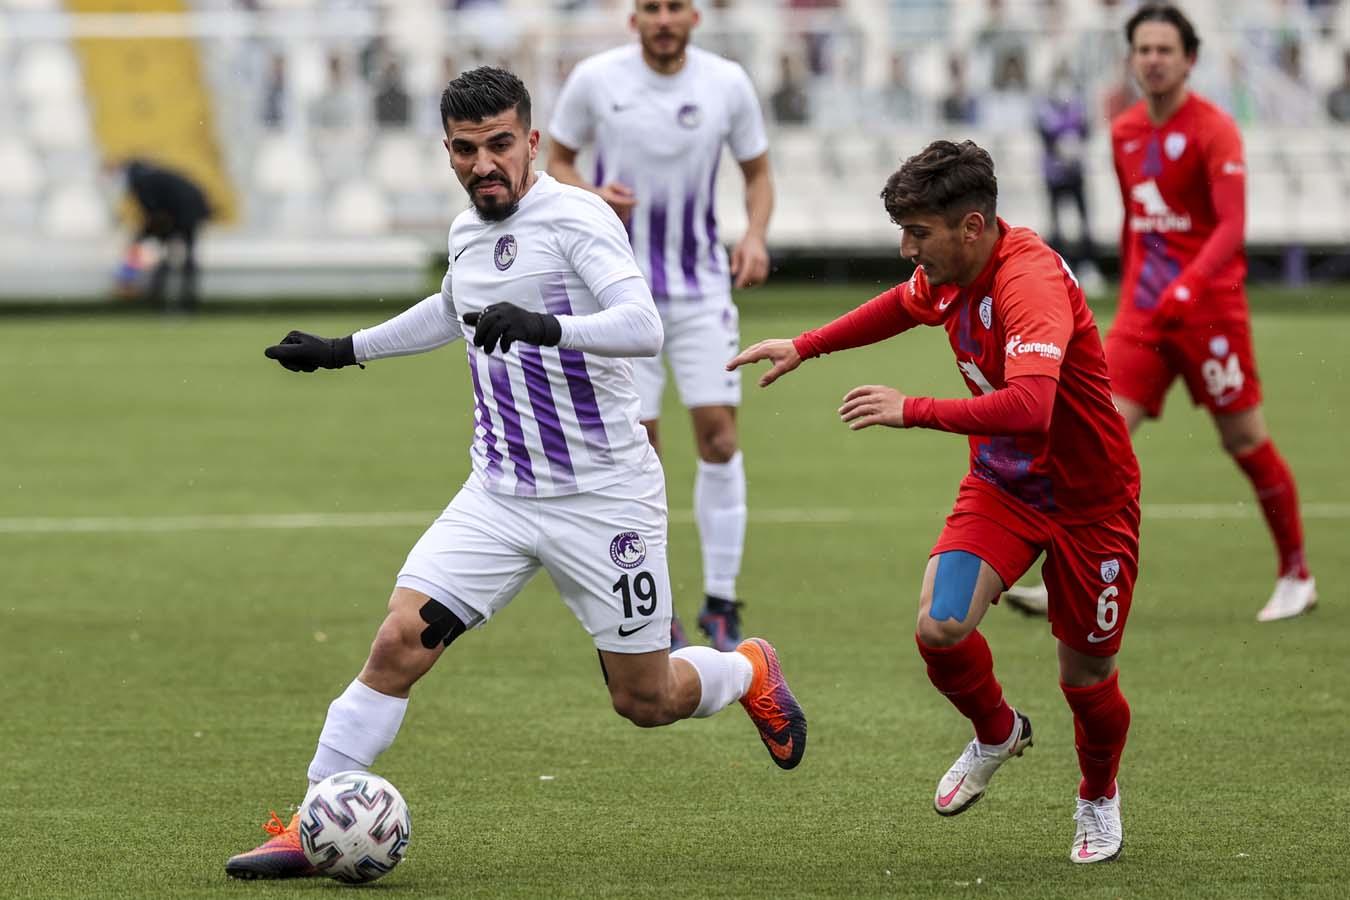 Ankara'da 8 gollü çılgın maç! Ankara Keçiörengücü 5-3 Altınordu maç özeti